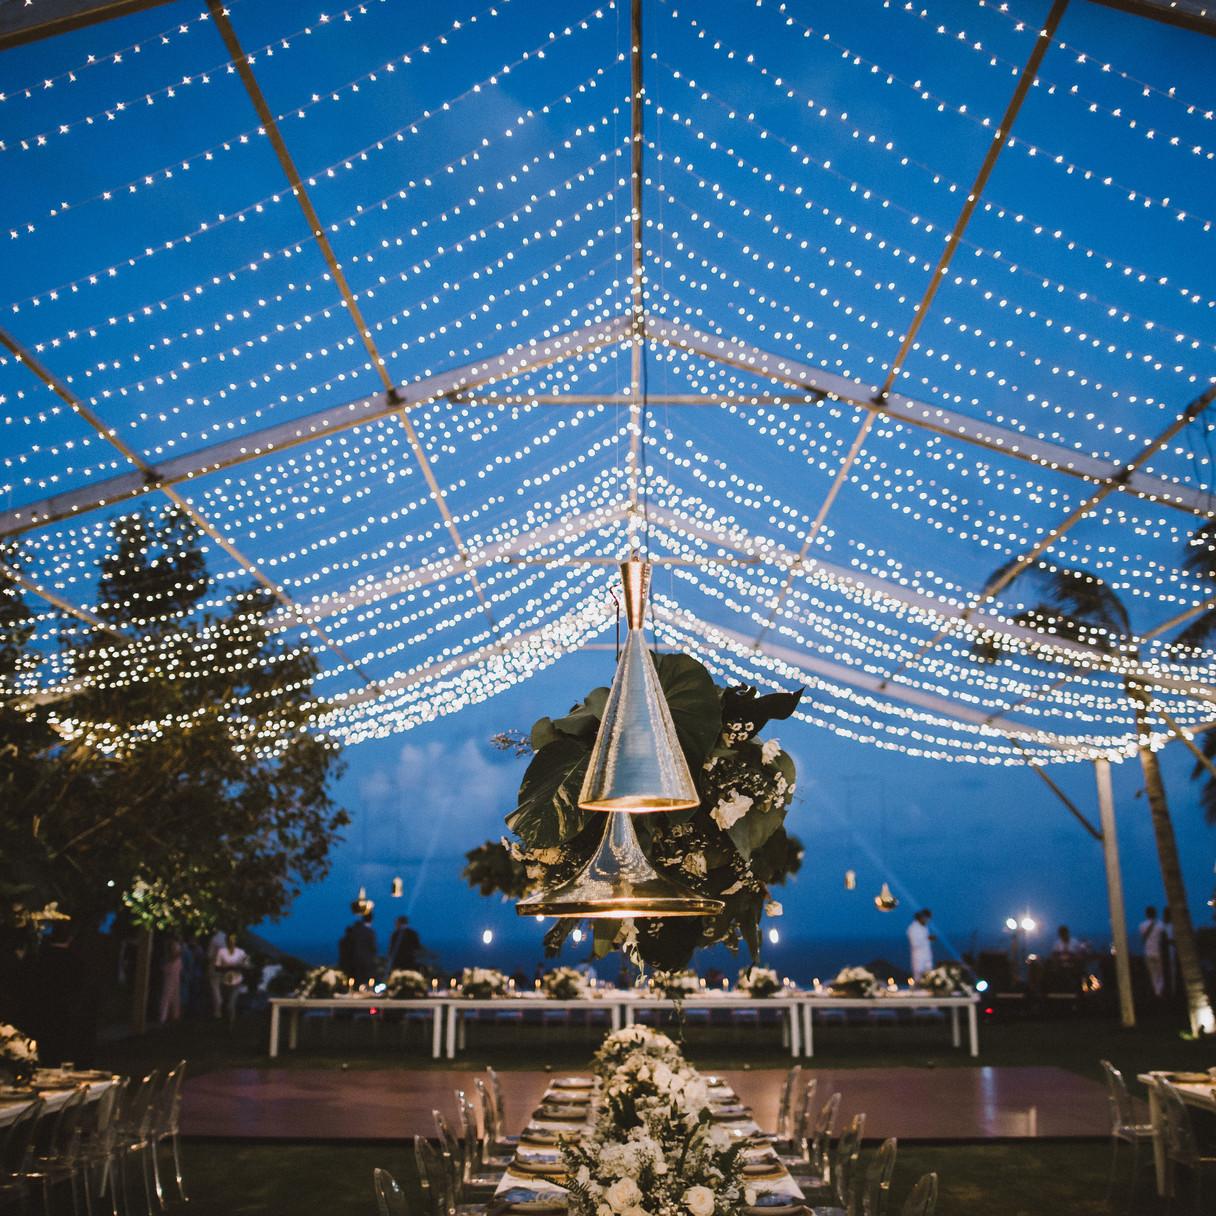 prue-steve-wedding-jpeg-712-2.jpg